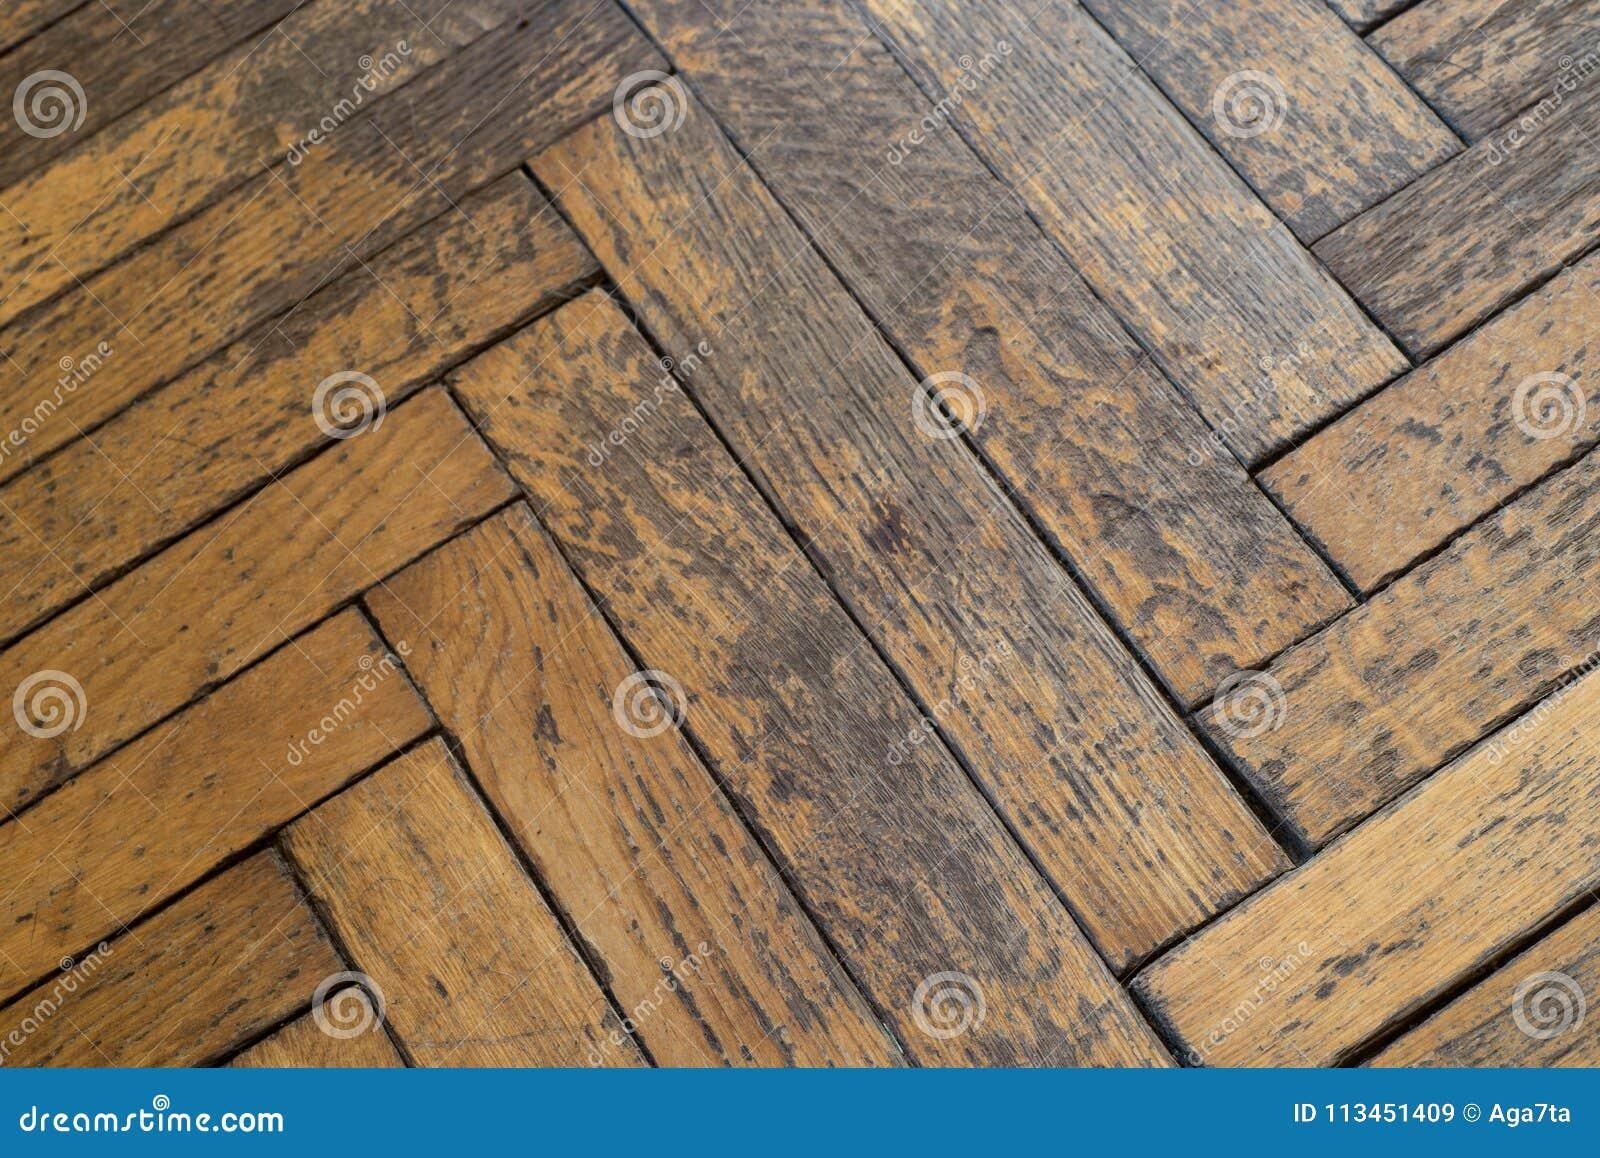 Assoalho de madeira sujo resistido velho